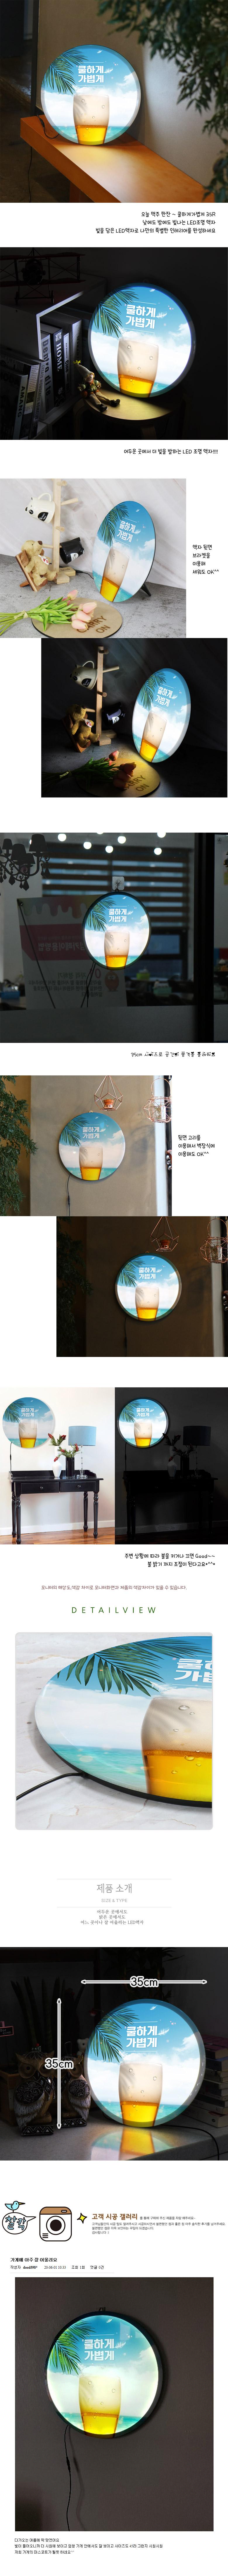 LED액자35R_쿨하게가볍게맥주한잔 - 꾸밈, 59,000원, 포인트조명, 터치조명